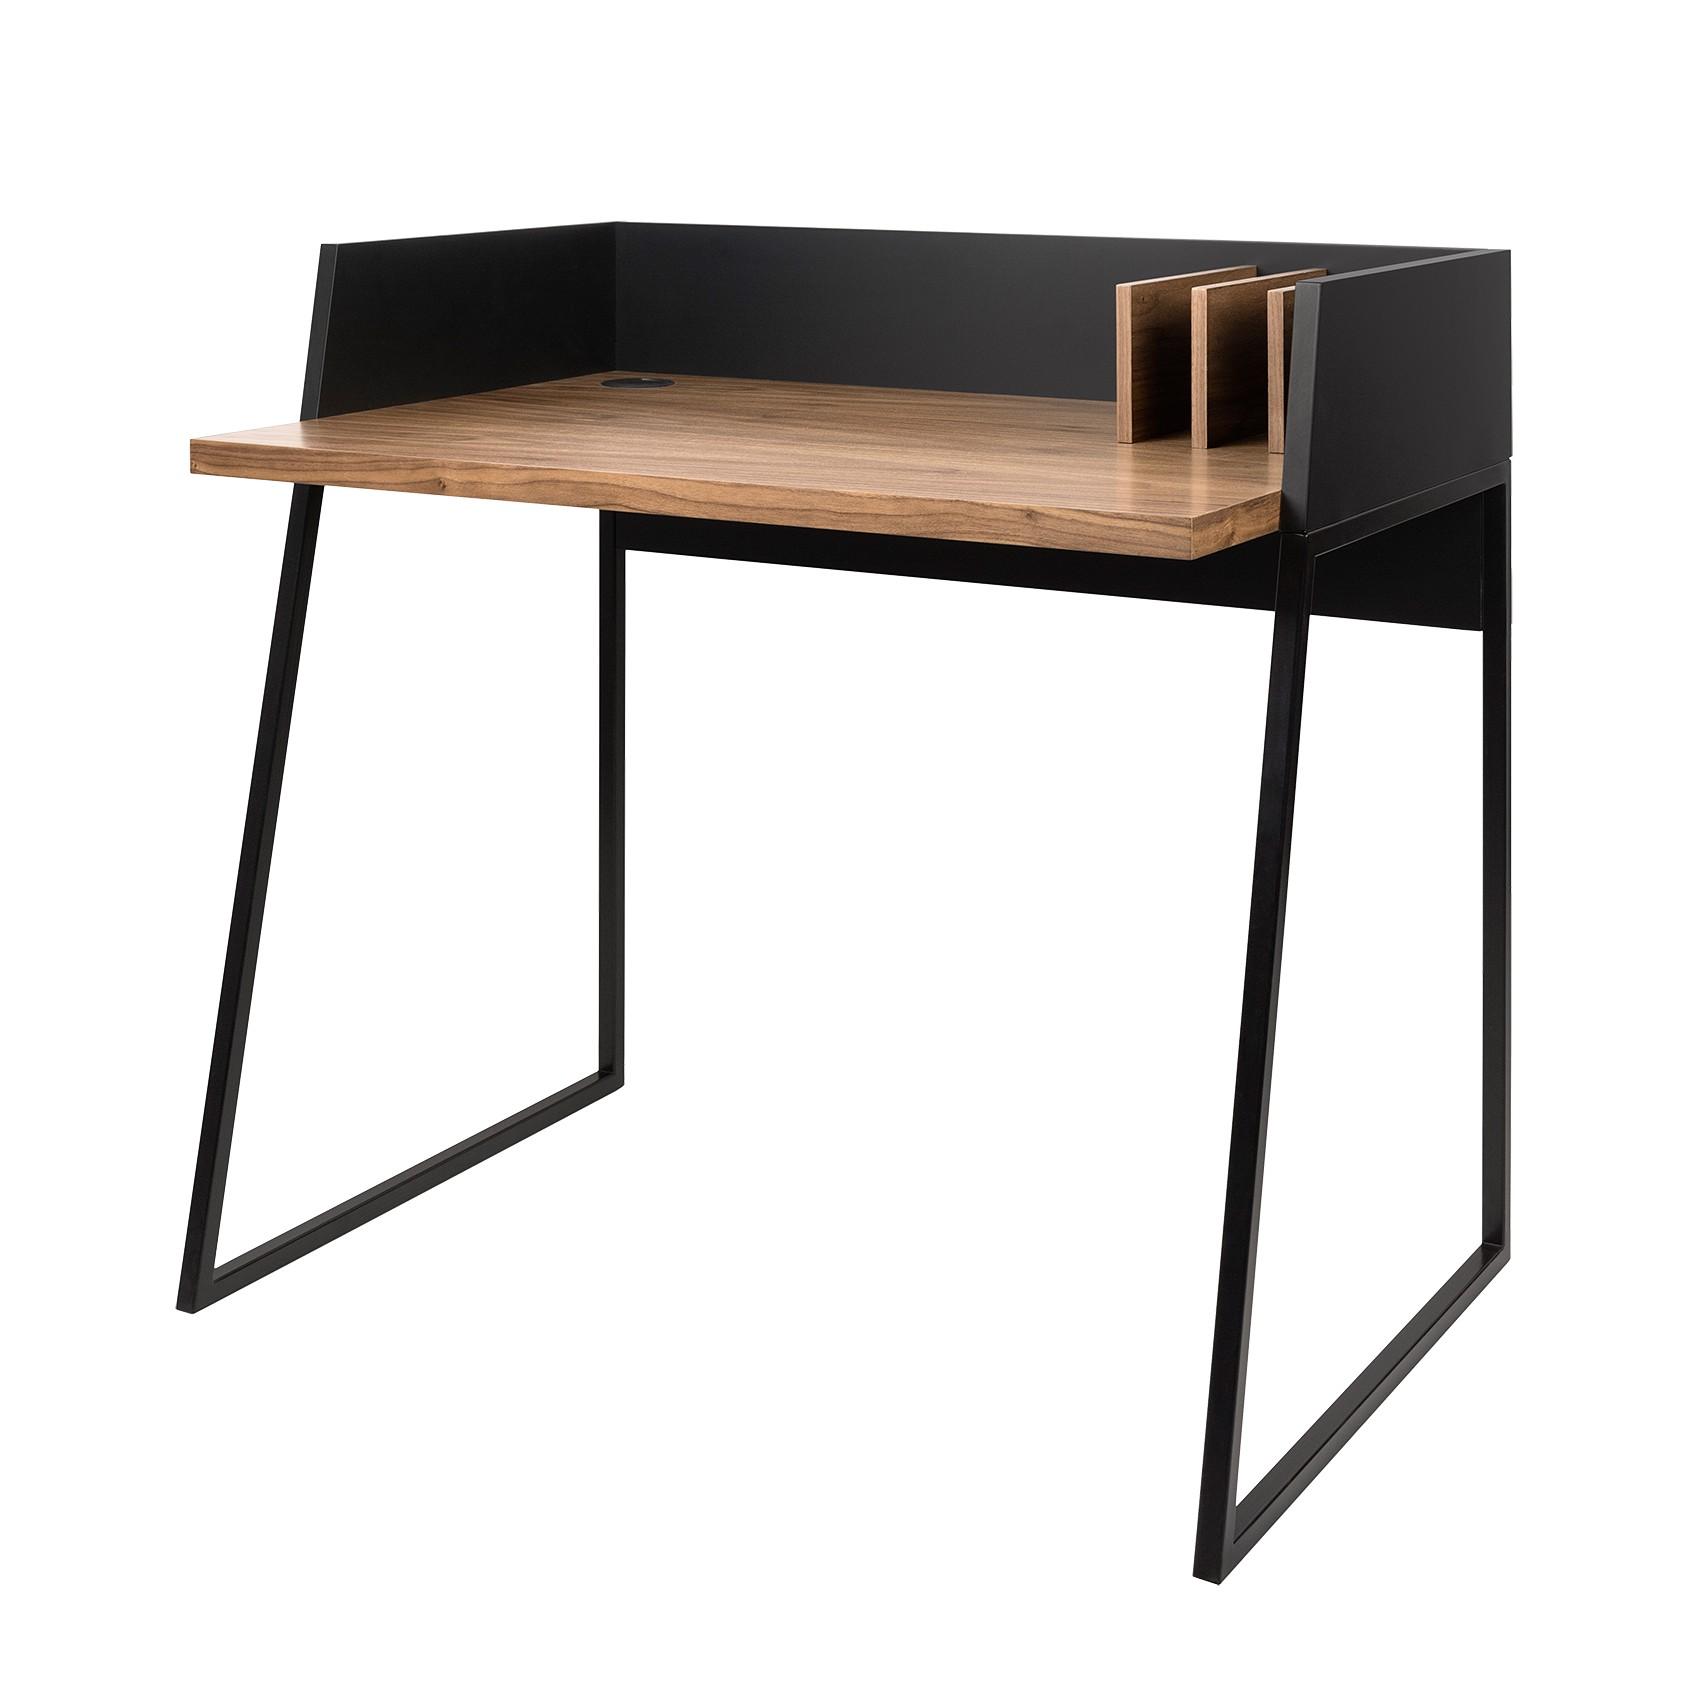 schreibtisch walnuss preis vergleich 2016. Black Bedroom Furniture Sets. Home Design Ideas